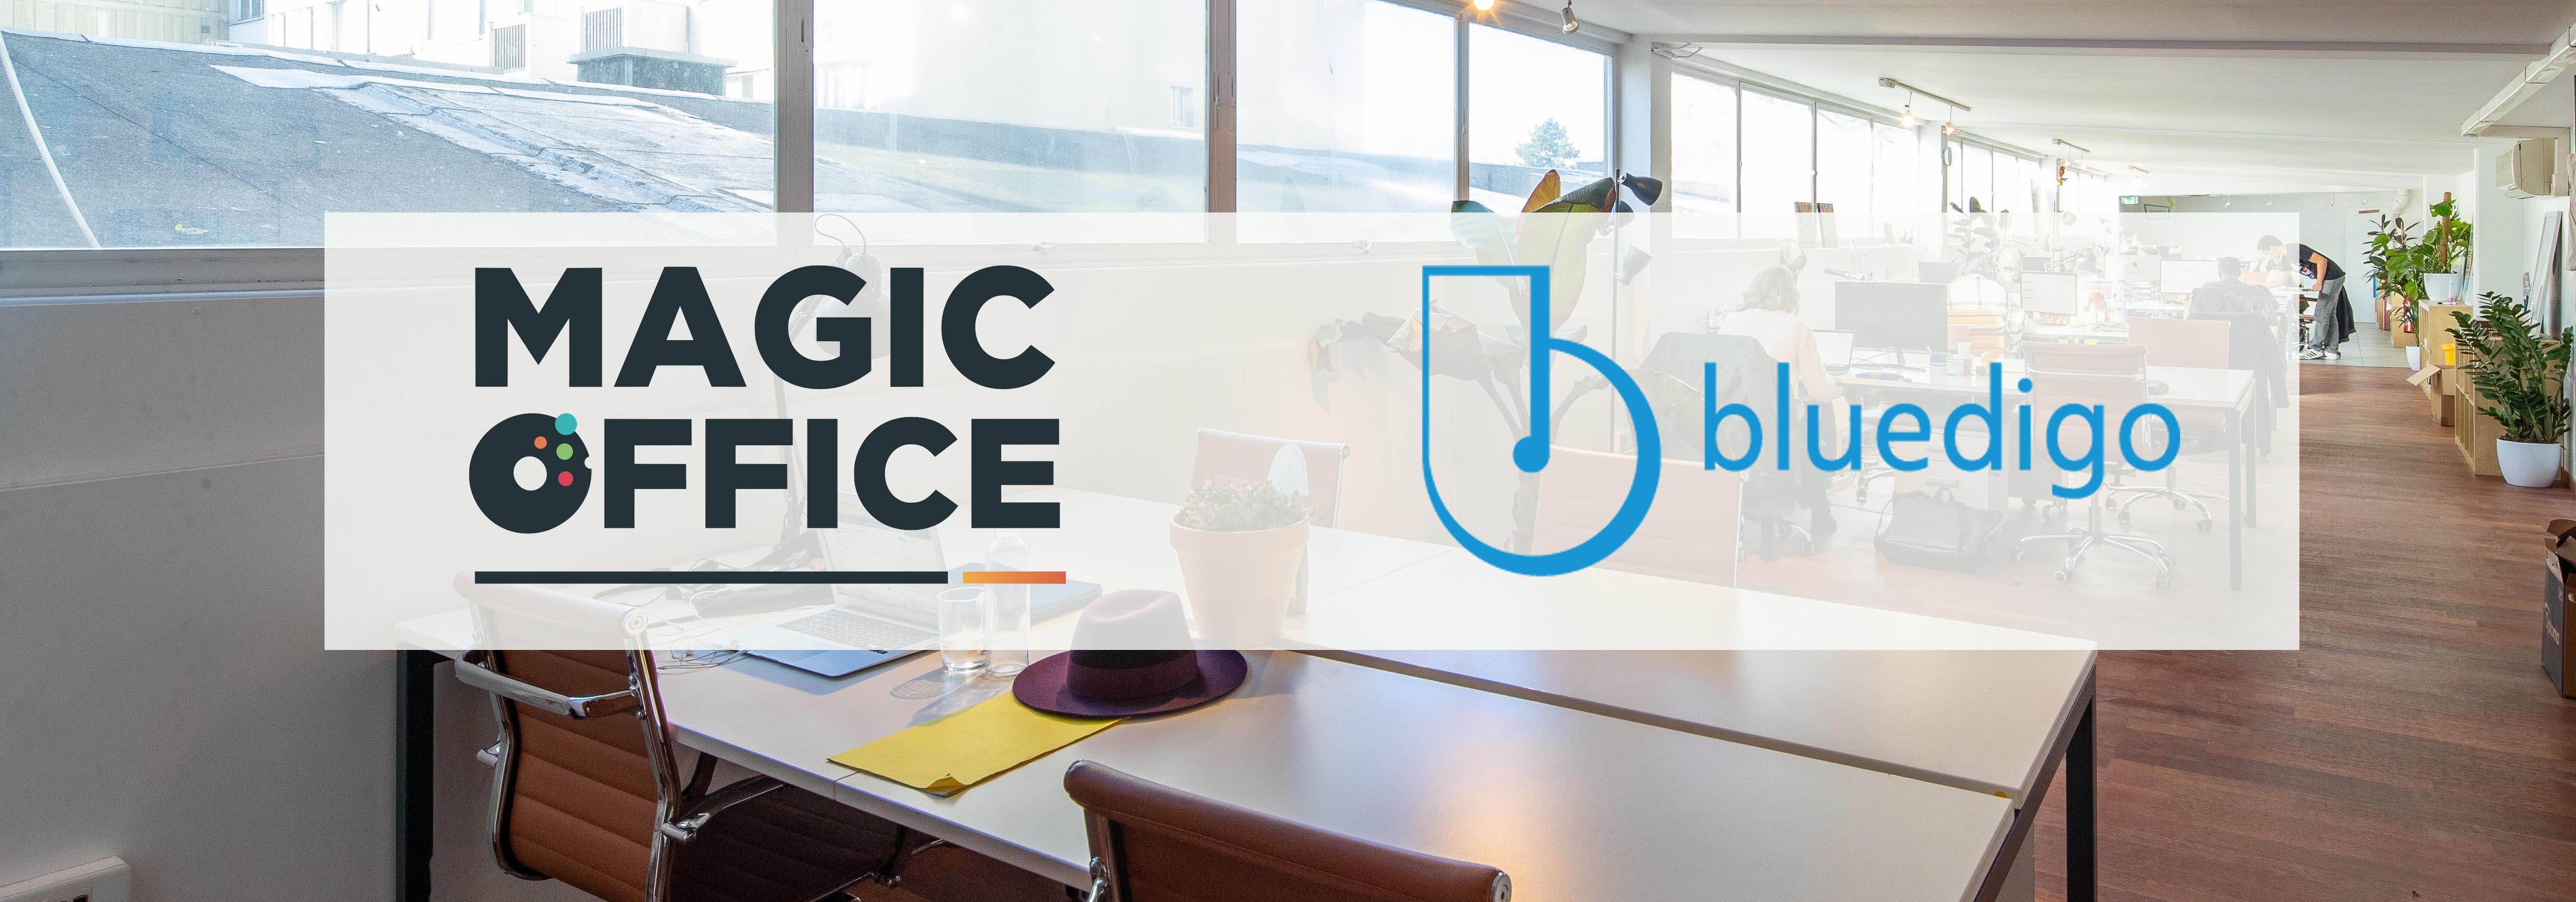 Visuel Magic Office Bluedigo